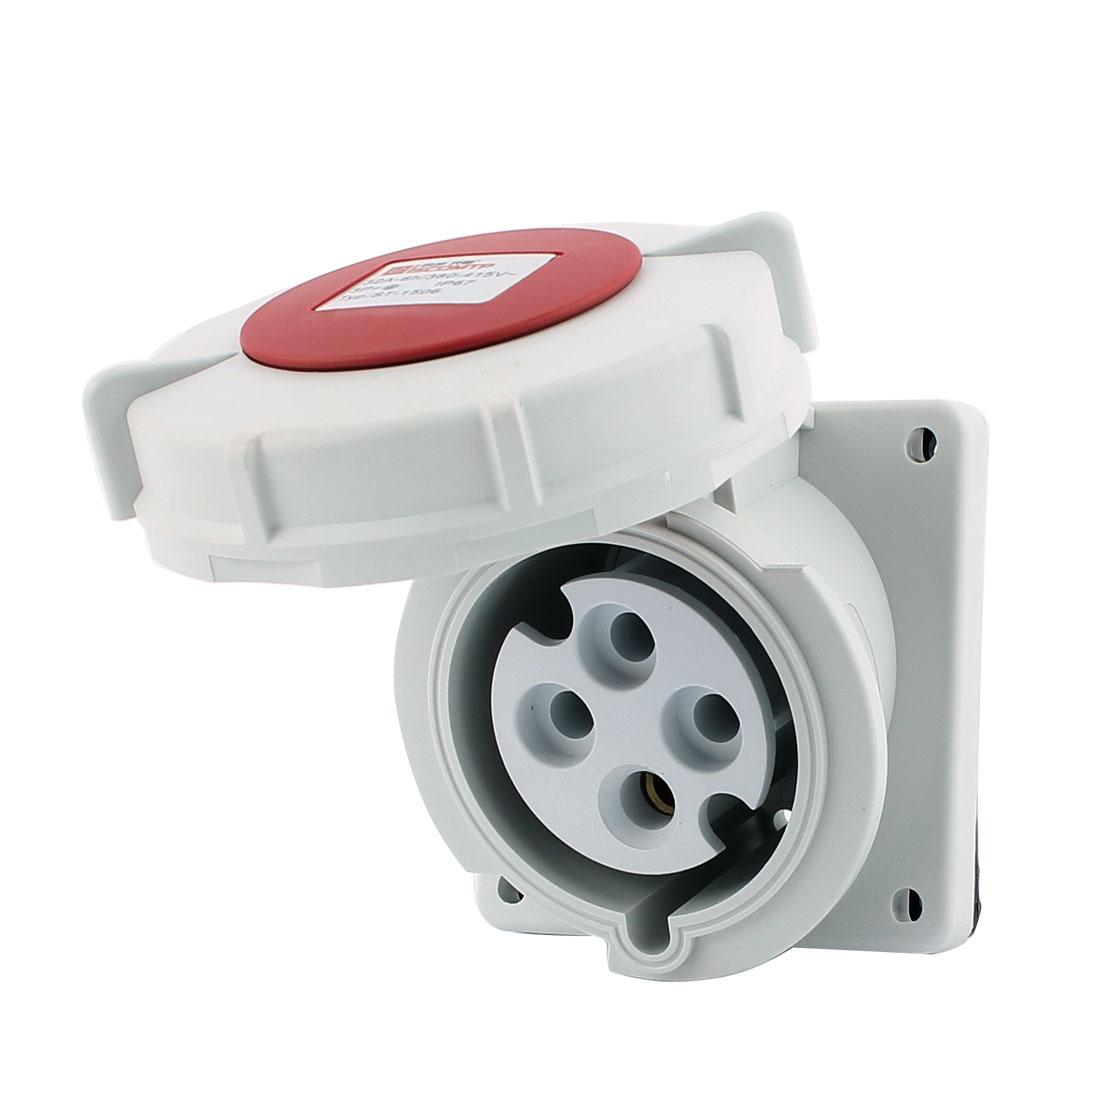 AC 380V-415V 32A IP67 3P+E 4-Terminal Female Industrial Oblique Socket